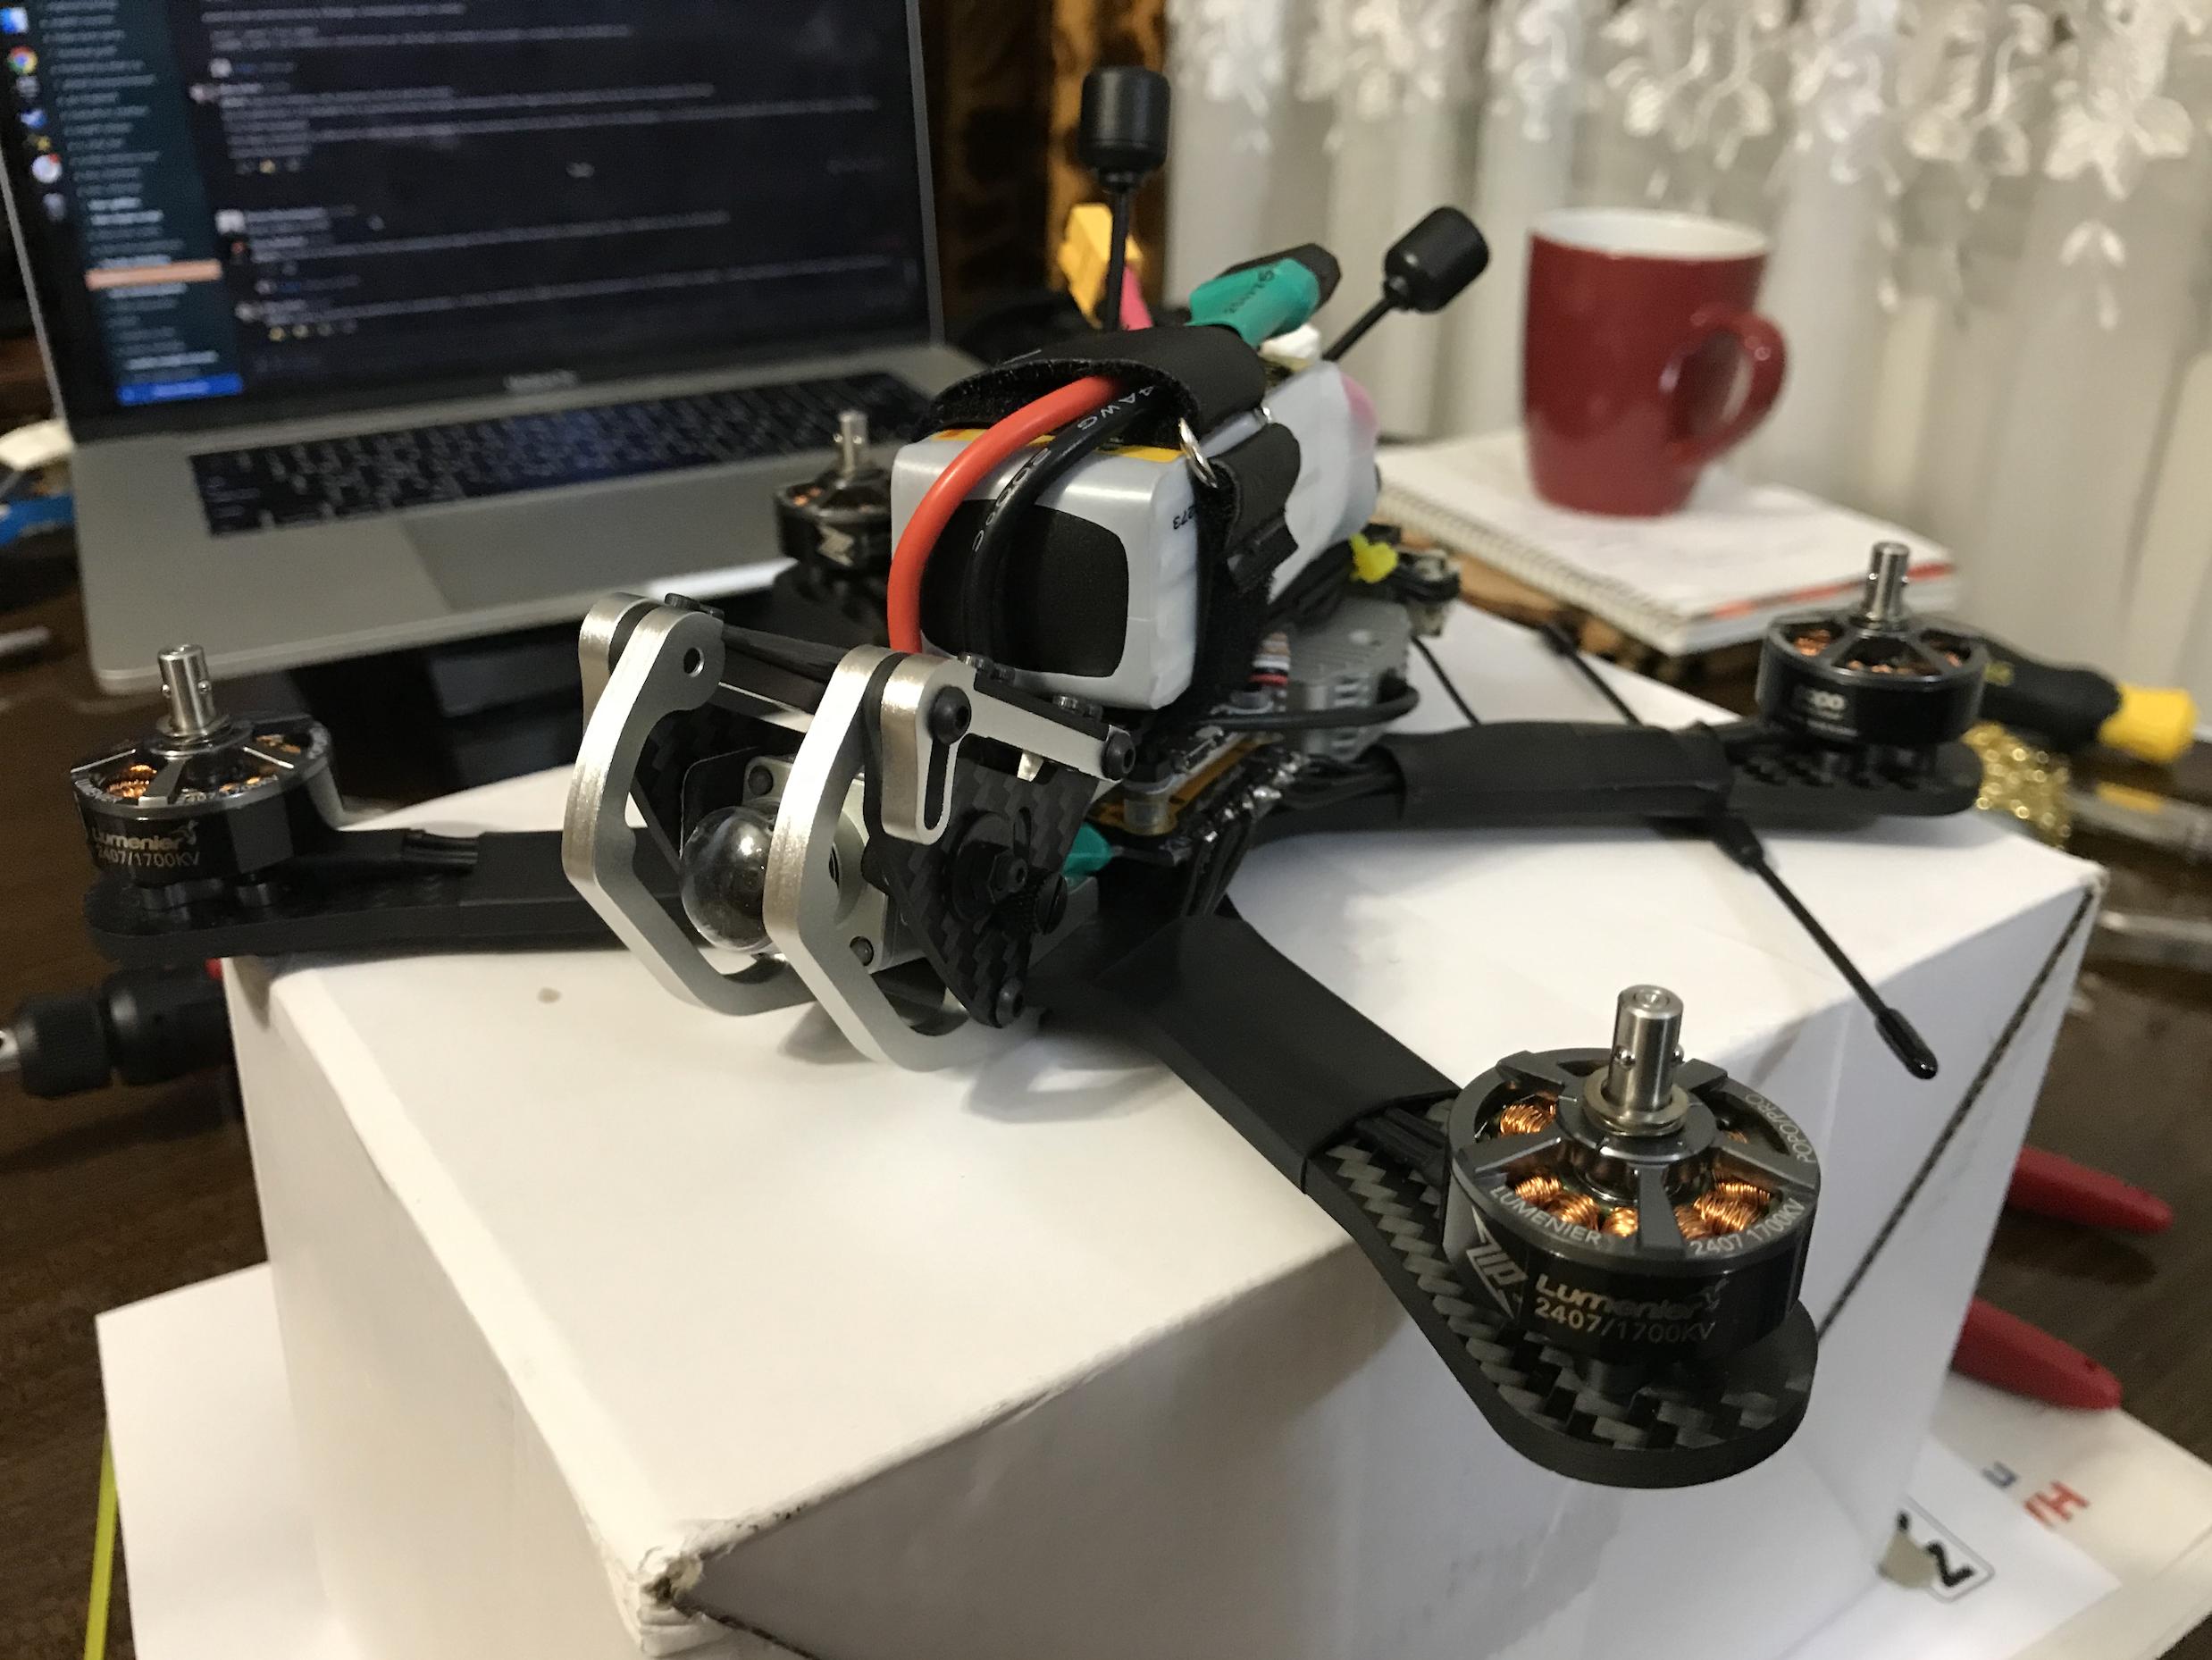 От земли к FPV Квадрокоптеру: Введение - 1